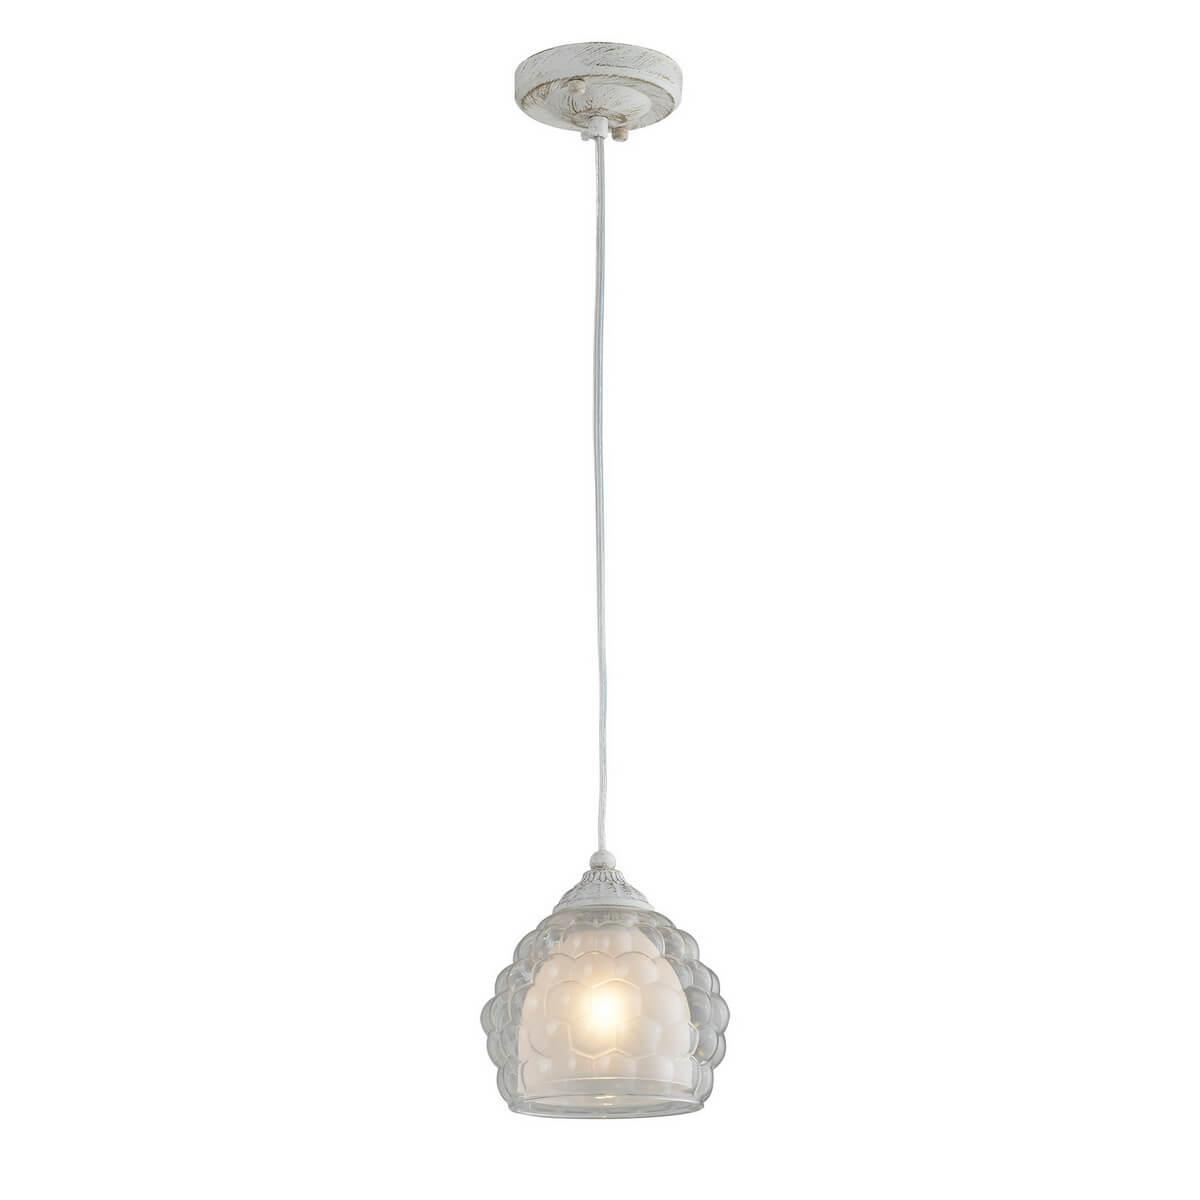 Подвесной светильник IDLamp Bella 285/1-Whitepatina потолочный светильник idlamp 299 4pf whitepatina белый